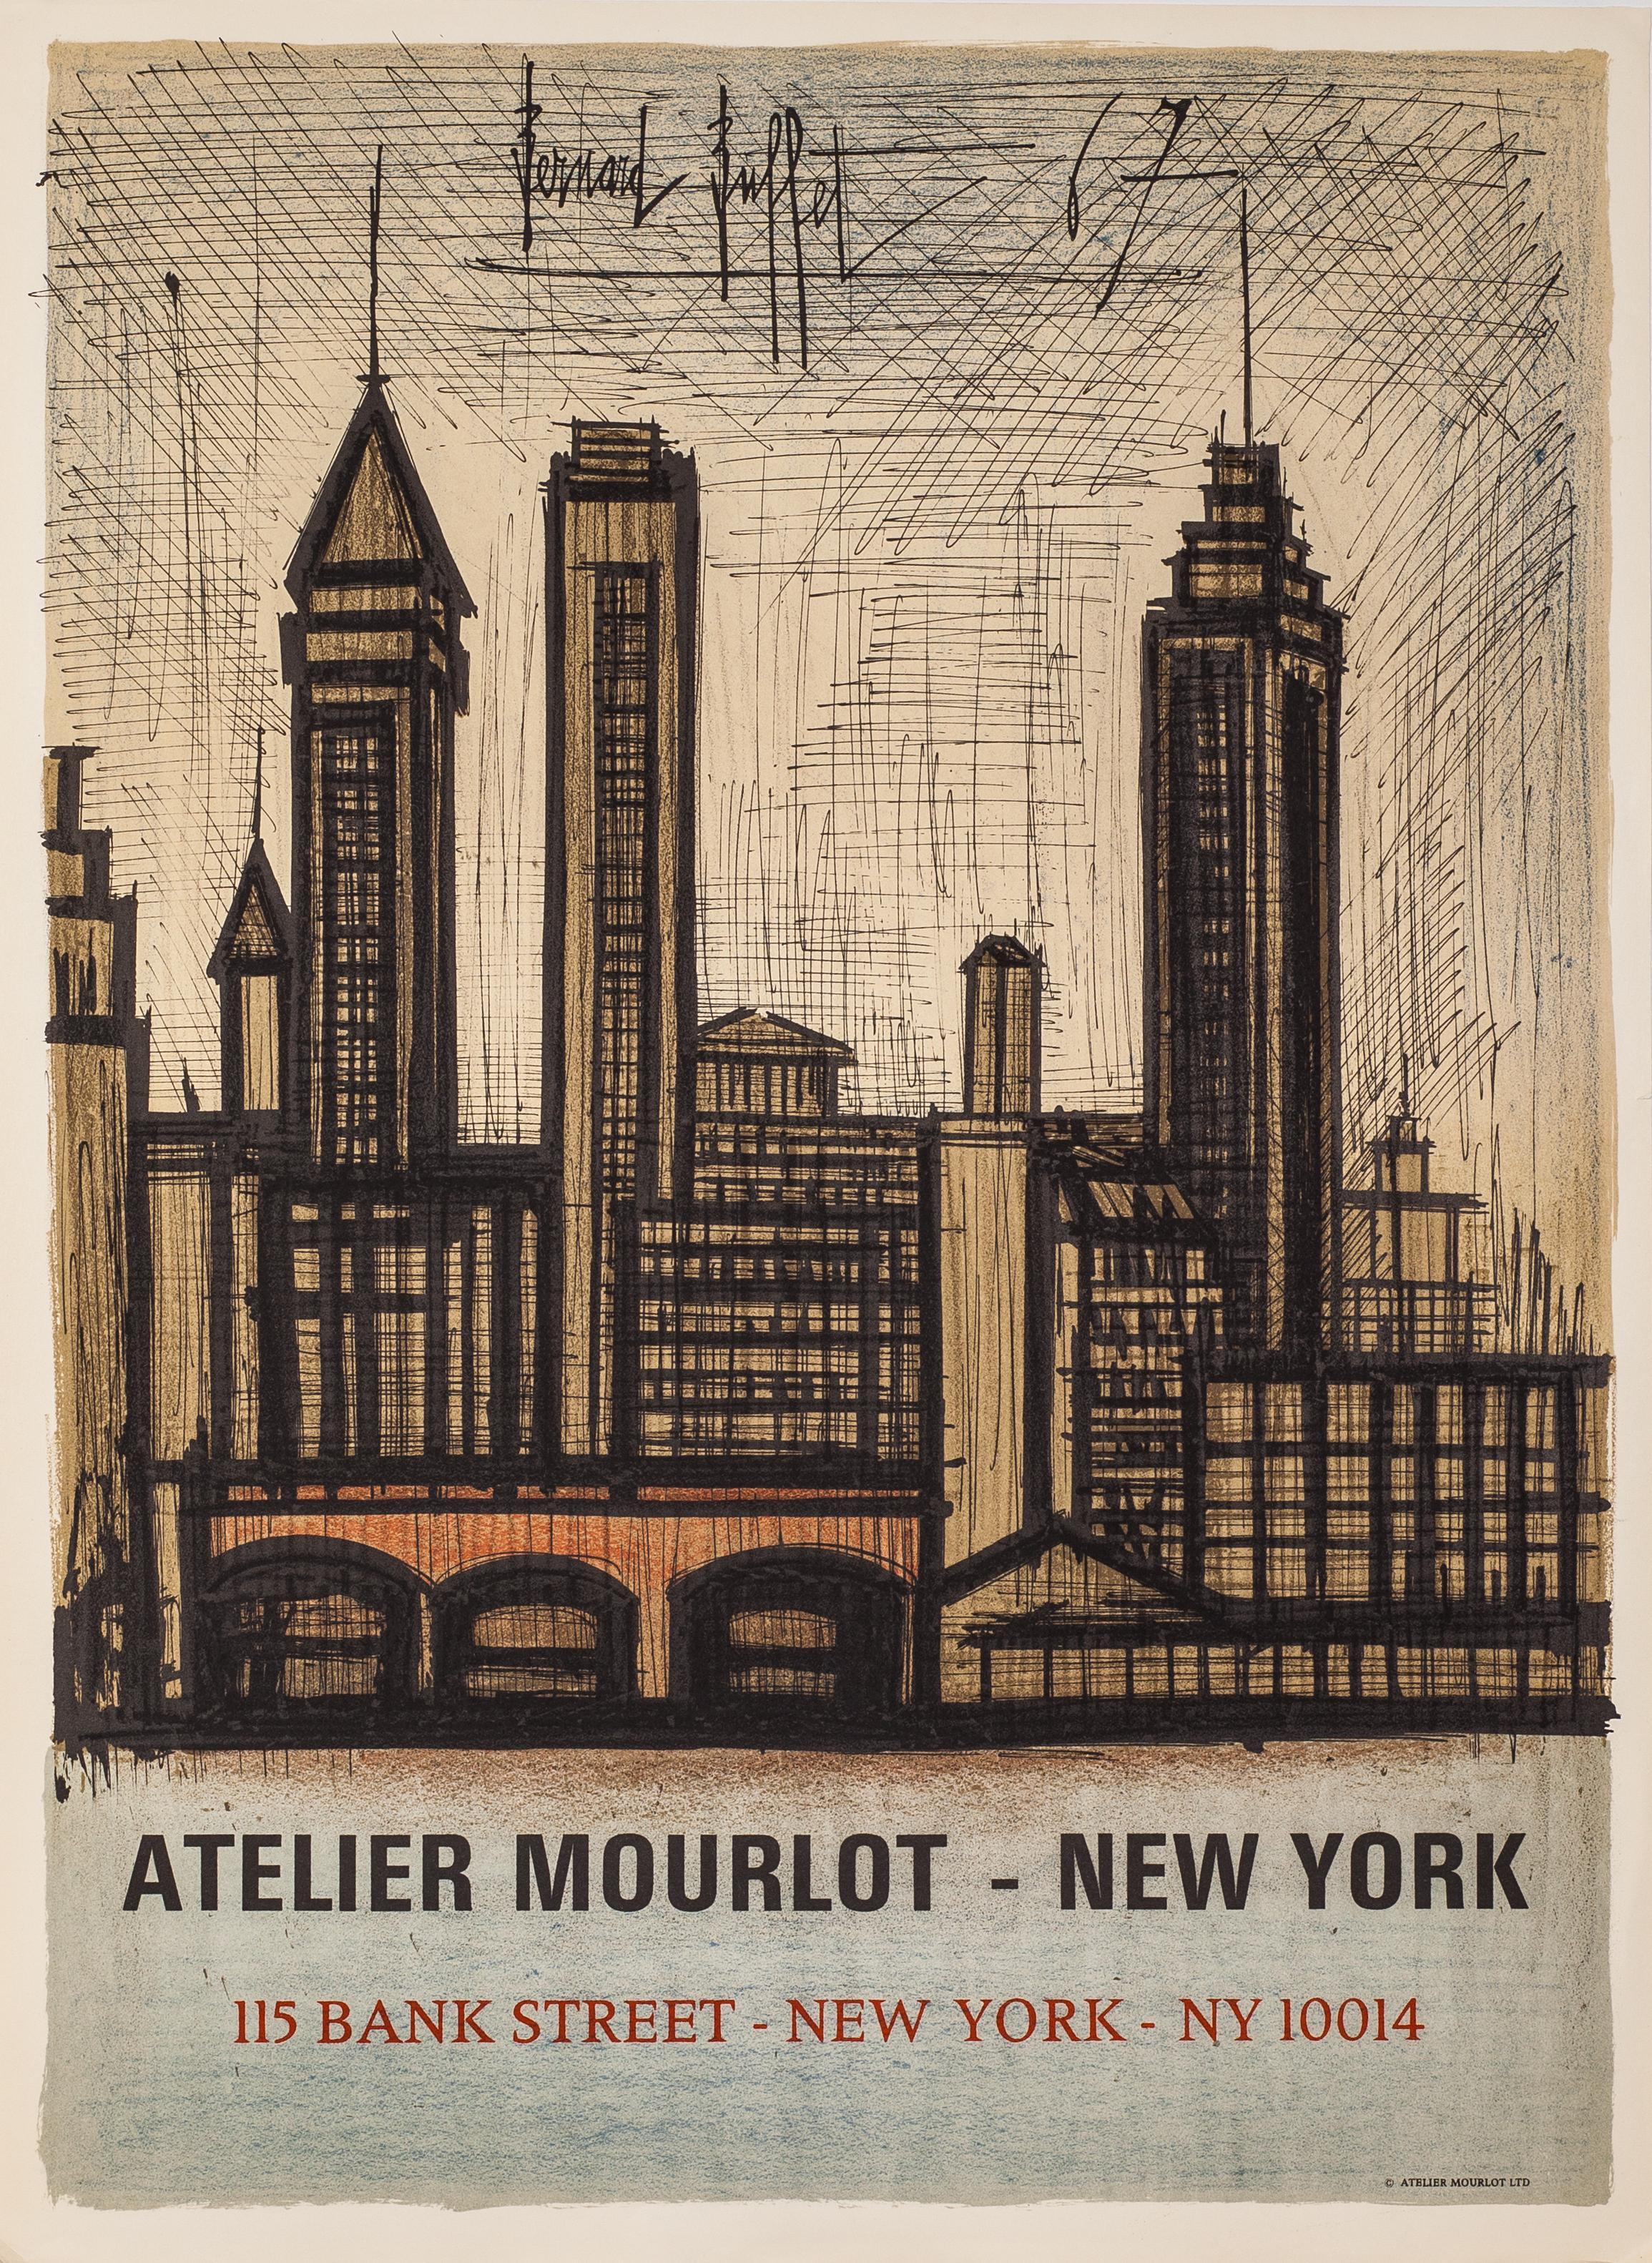 Atelier Mourlot - New York (NYC Skyline) by Bernard Buffet